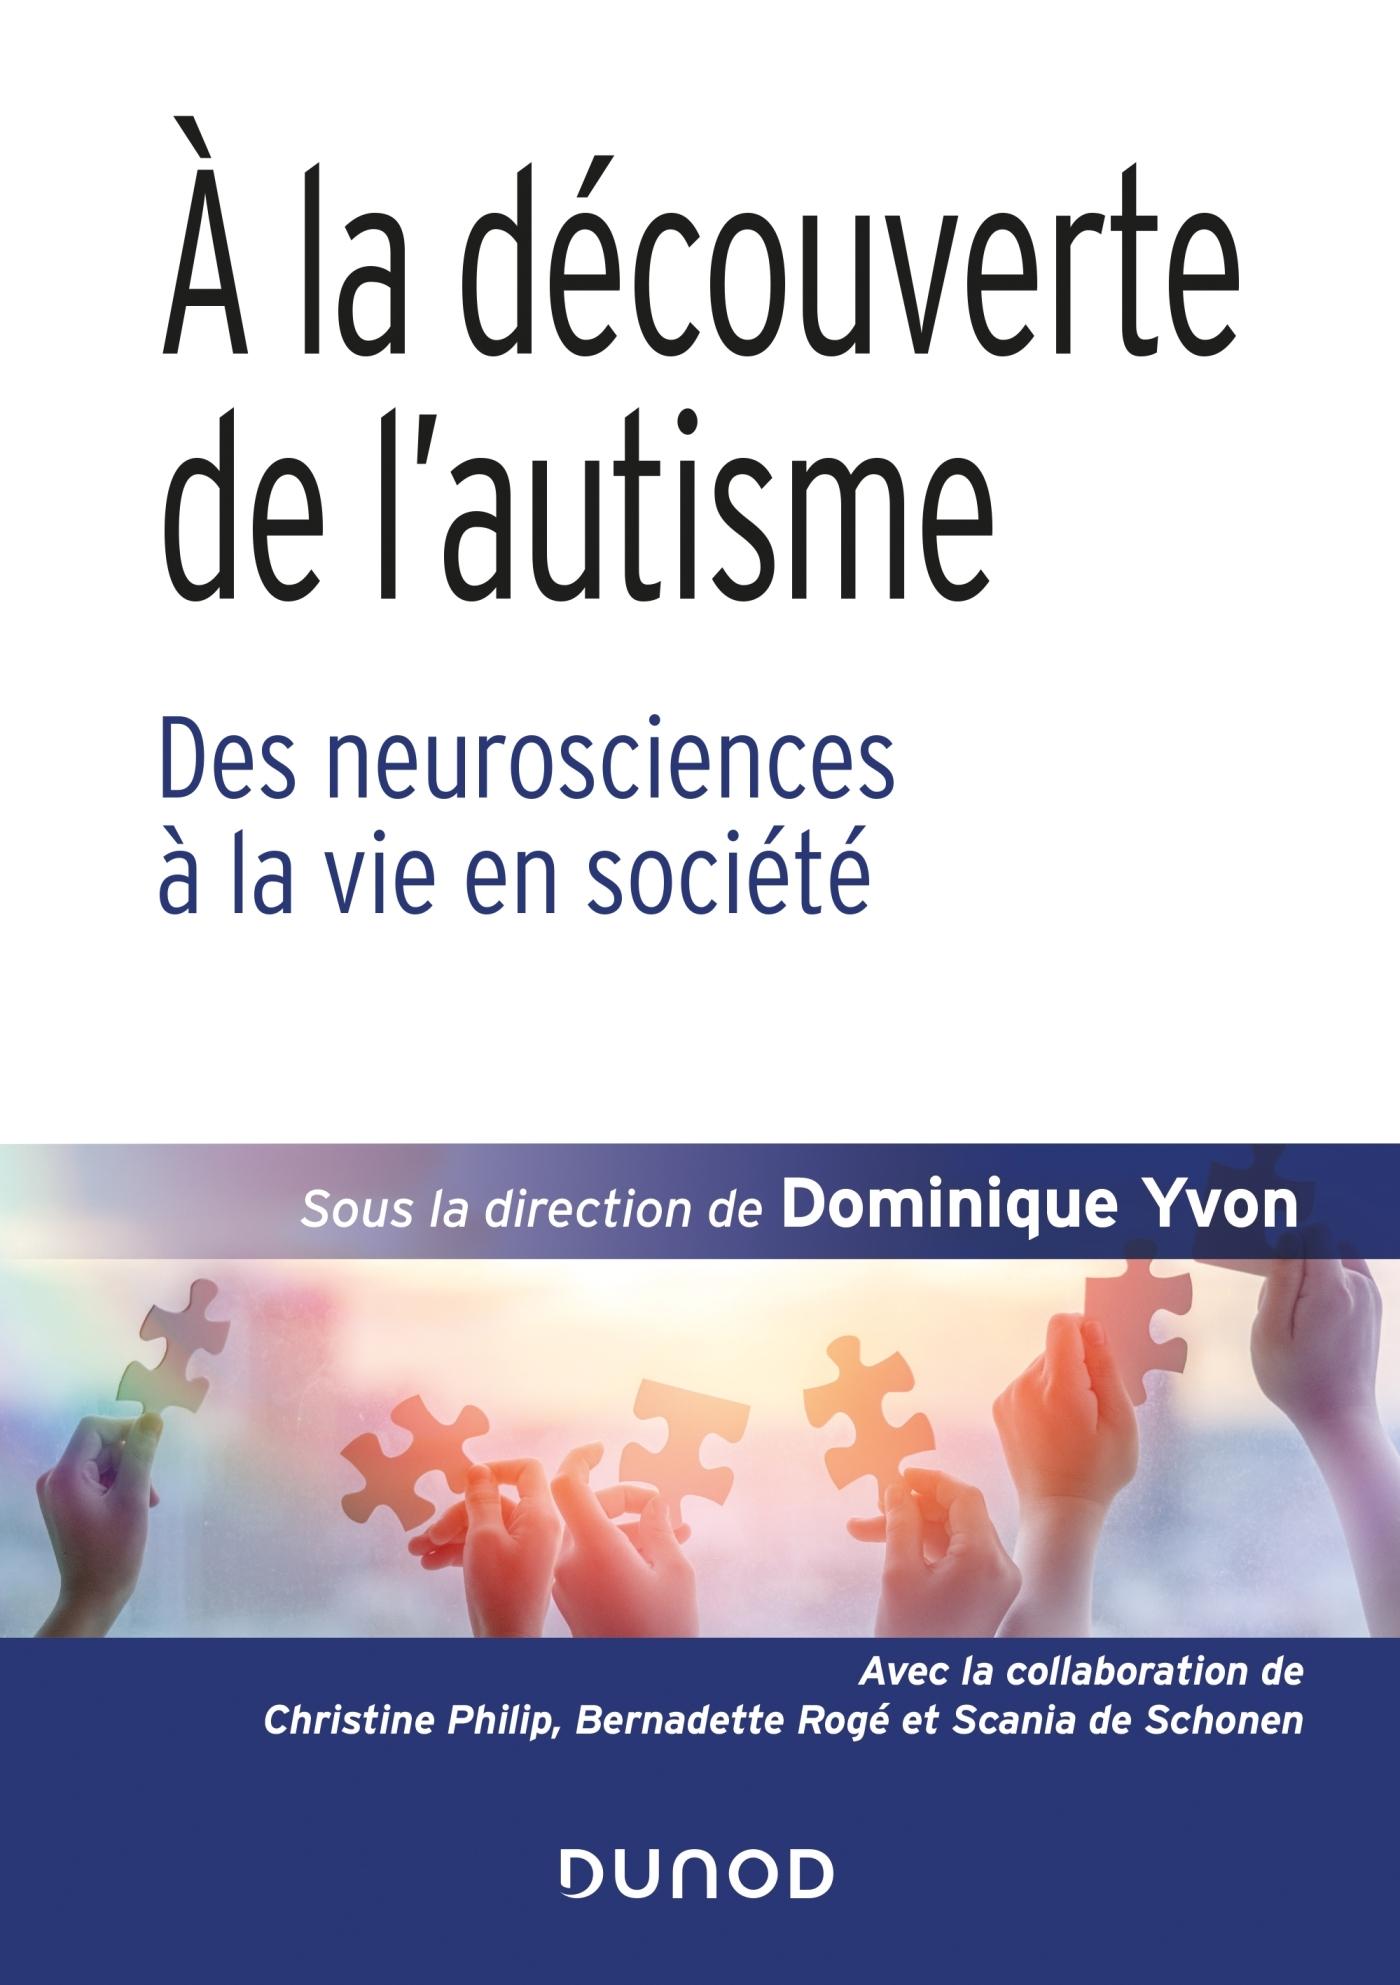 A LA DECOUVERTE DE L'AUTISME - DES NEUROSCIENCES A LA VIE EN SOCIETE